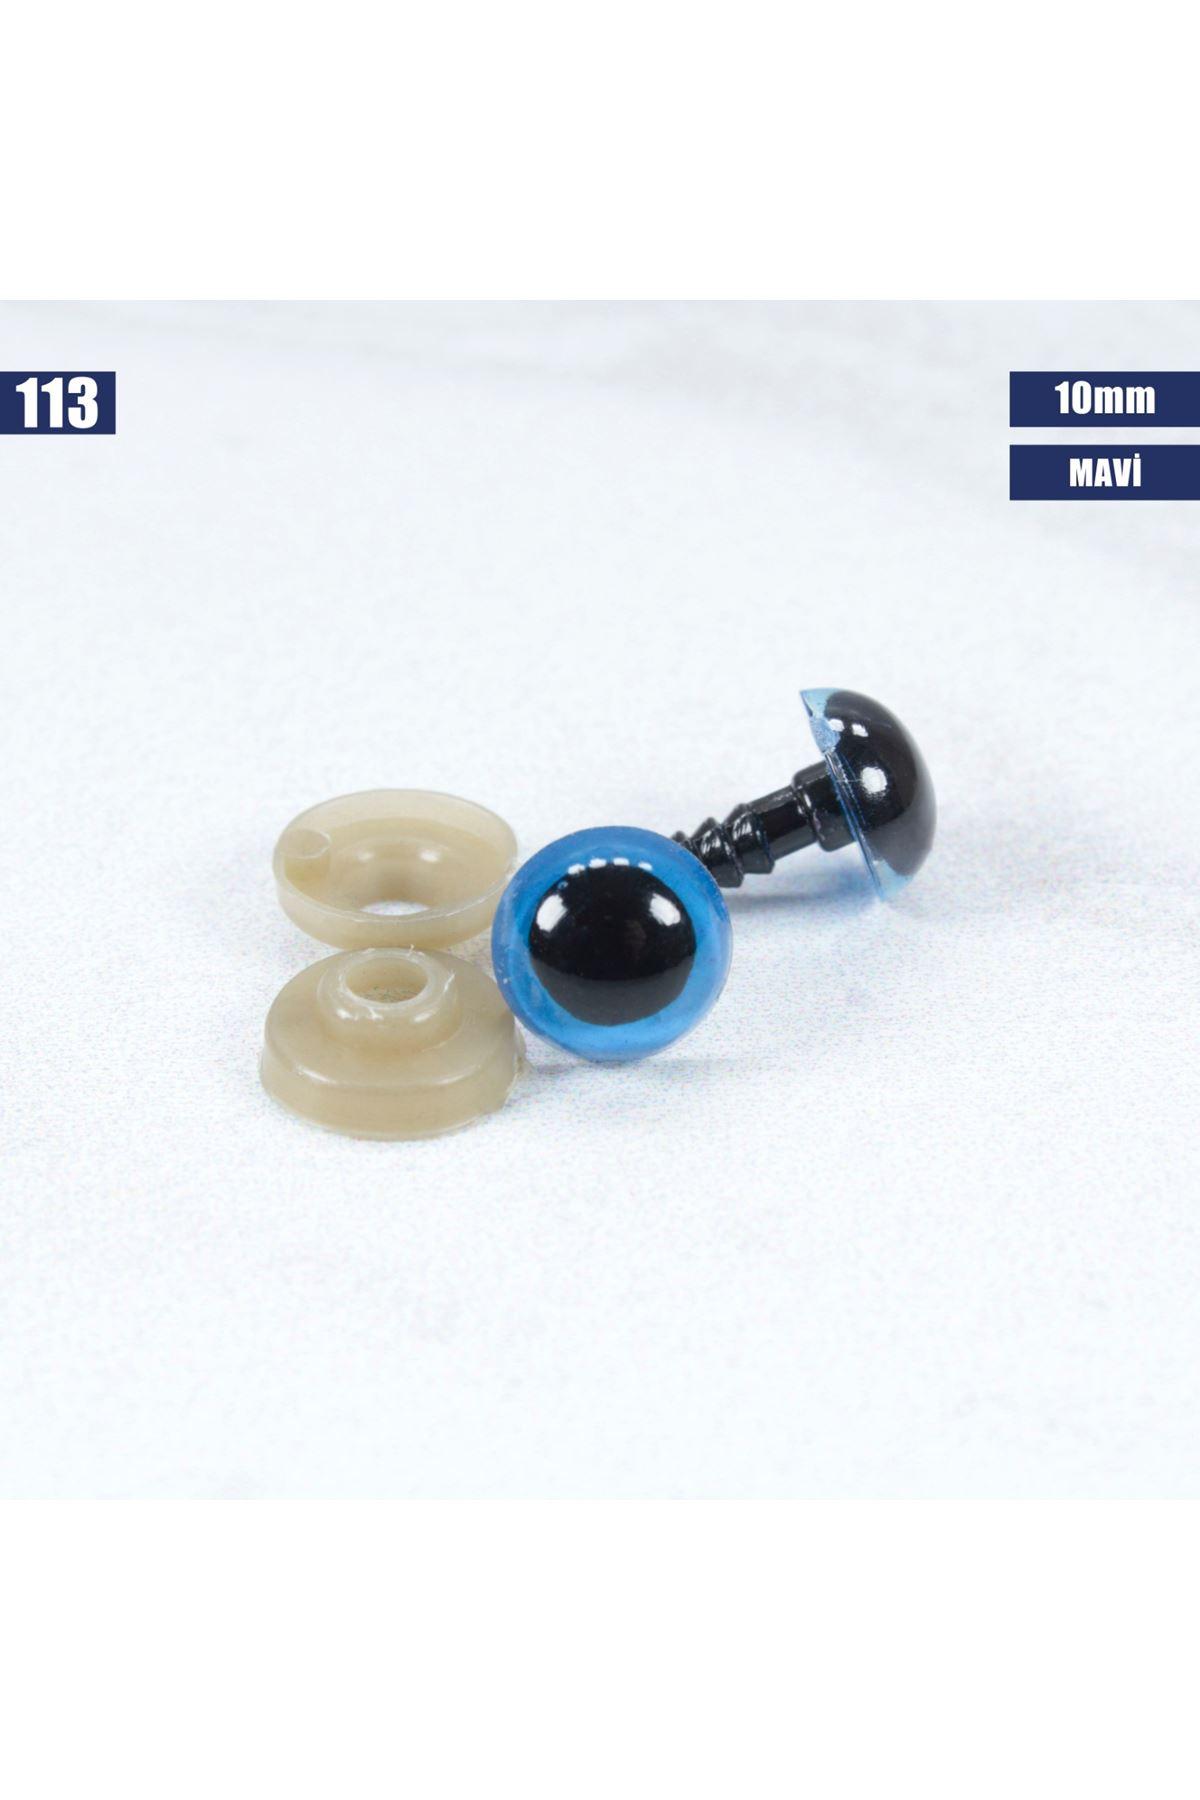 Mavi Vidalı Göz 10 mm - 113